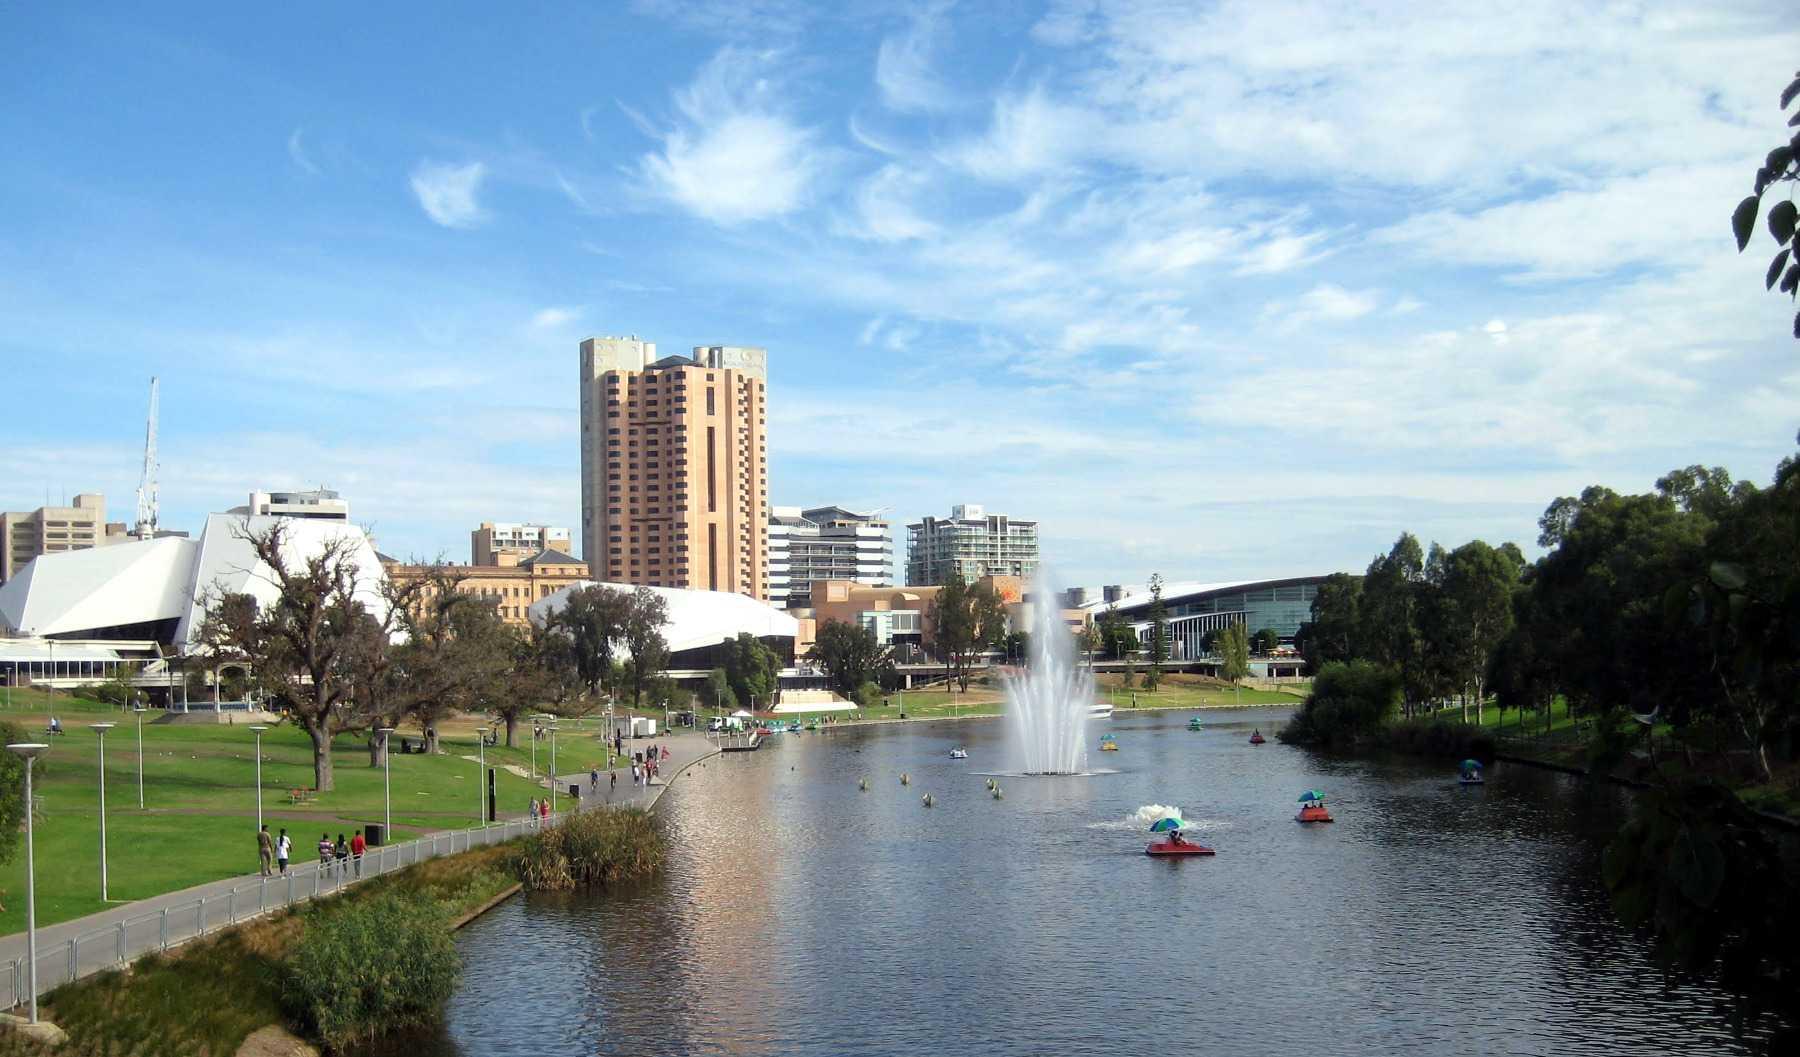 Fluss mit Springbrunnen, Wiese, Gebäude